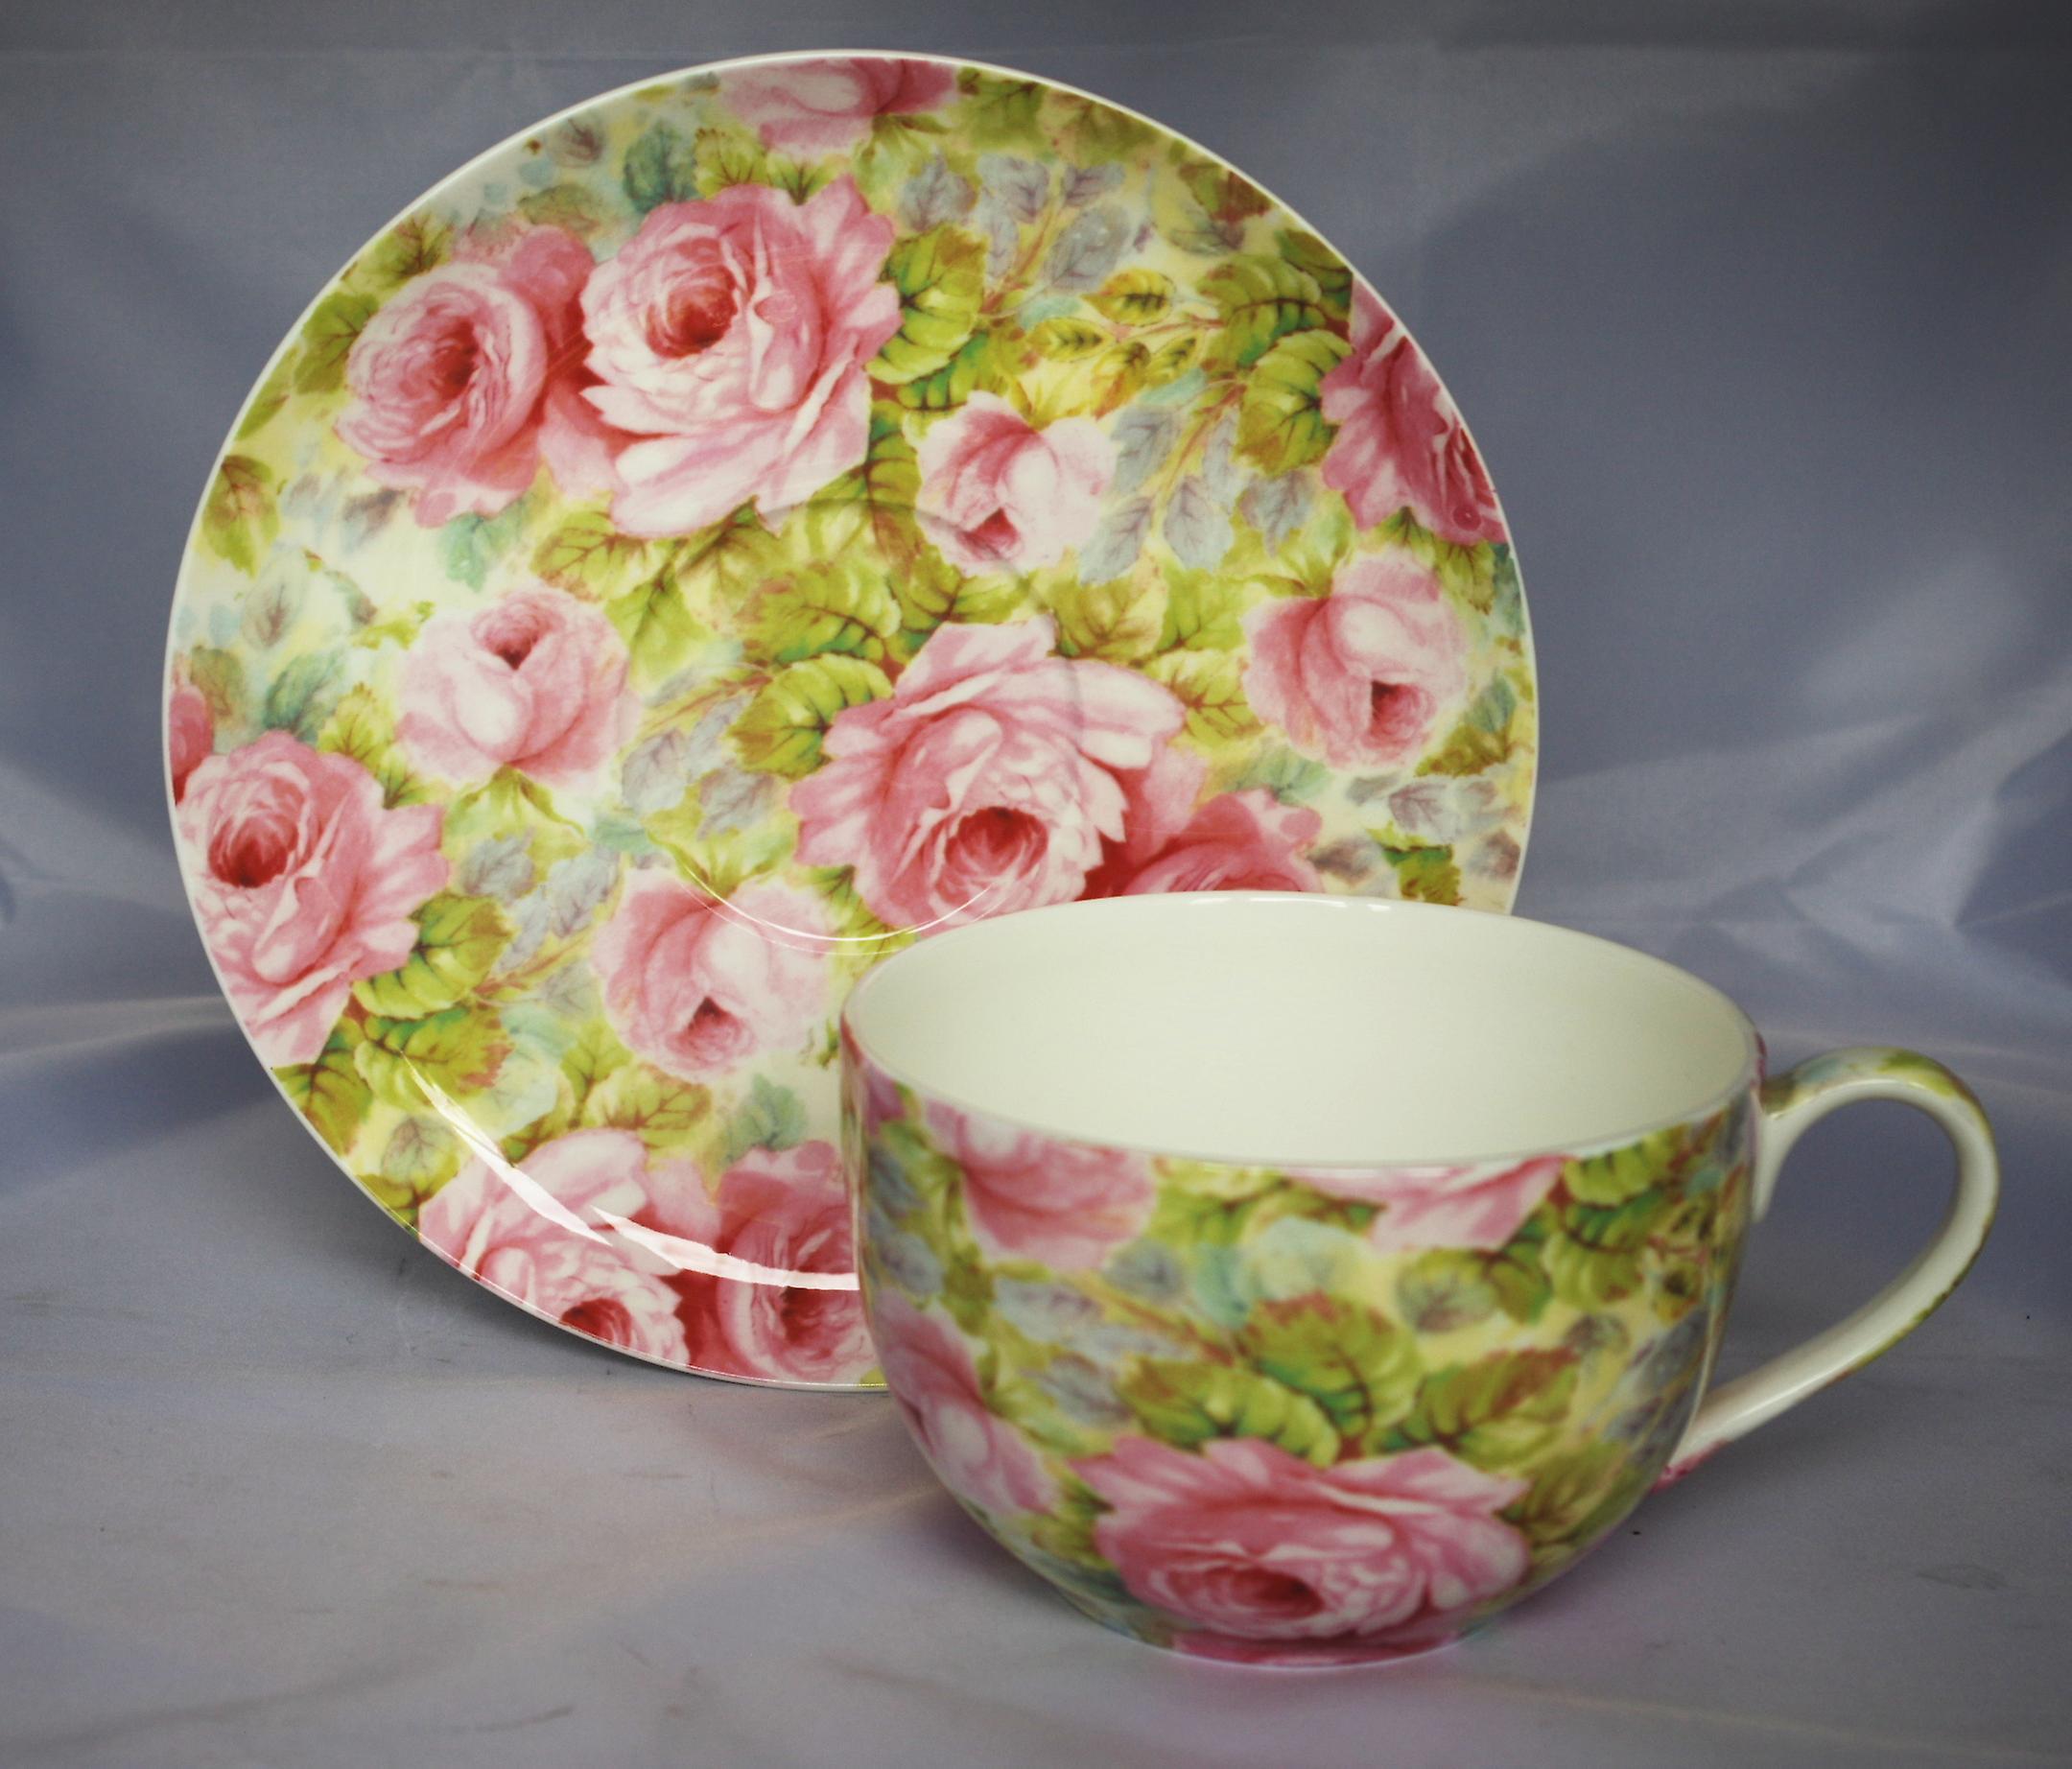 Английский большой чашки костяного фарфора & блюдце Misty Роуз